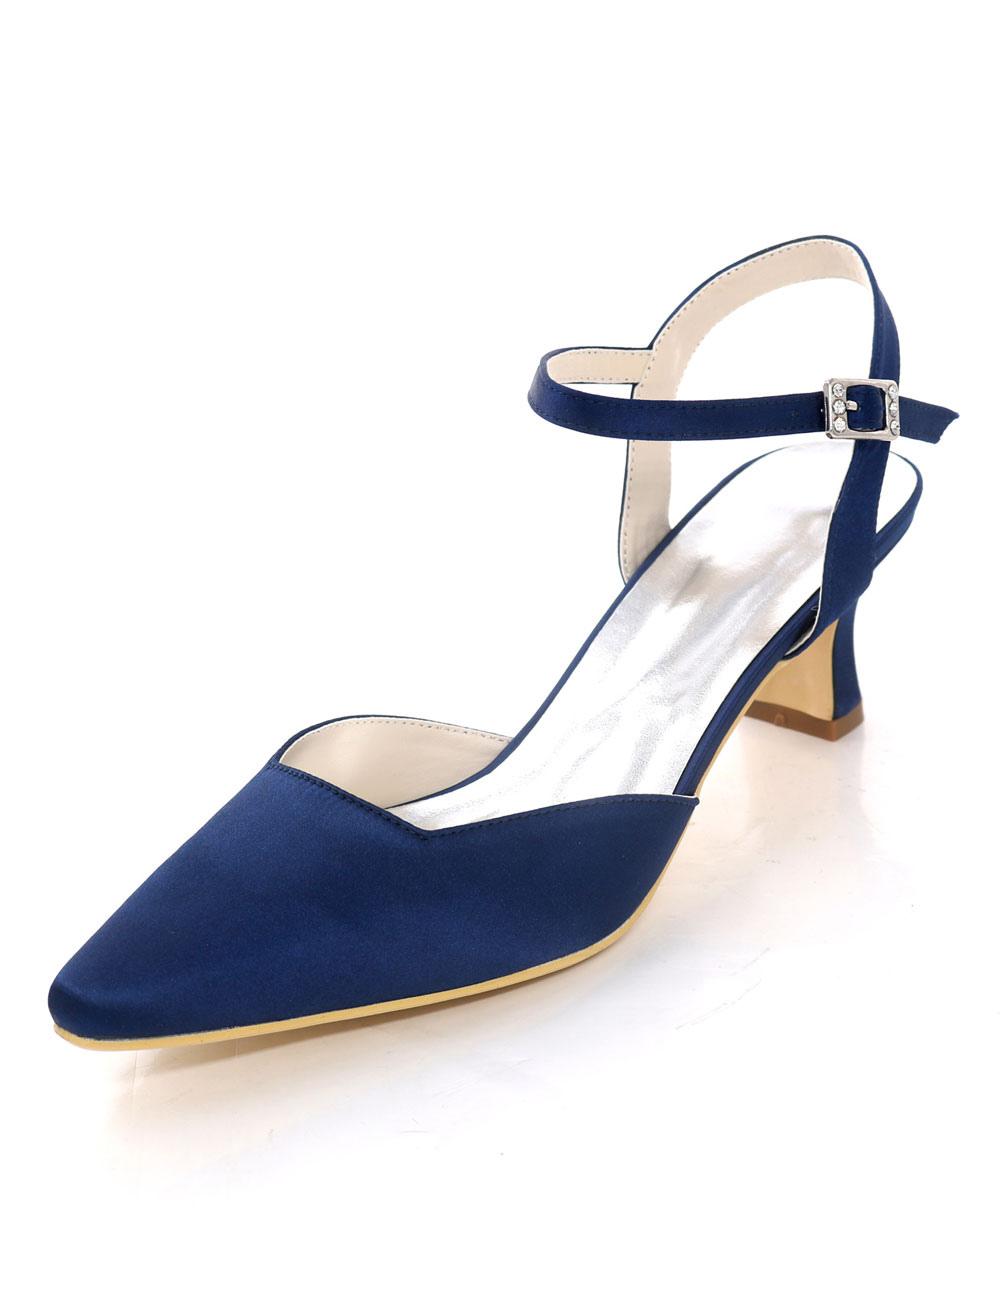 navy blue kitten heel wedding shoes